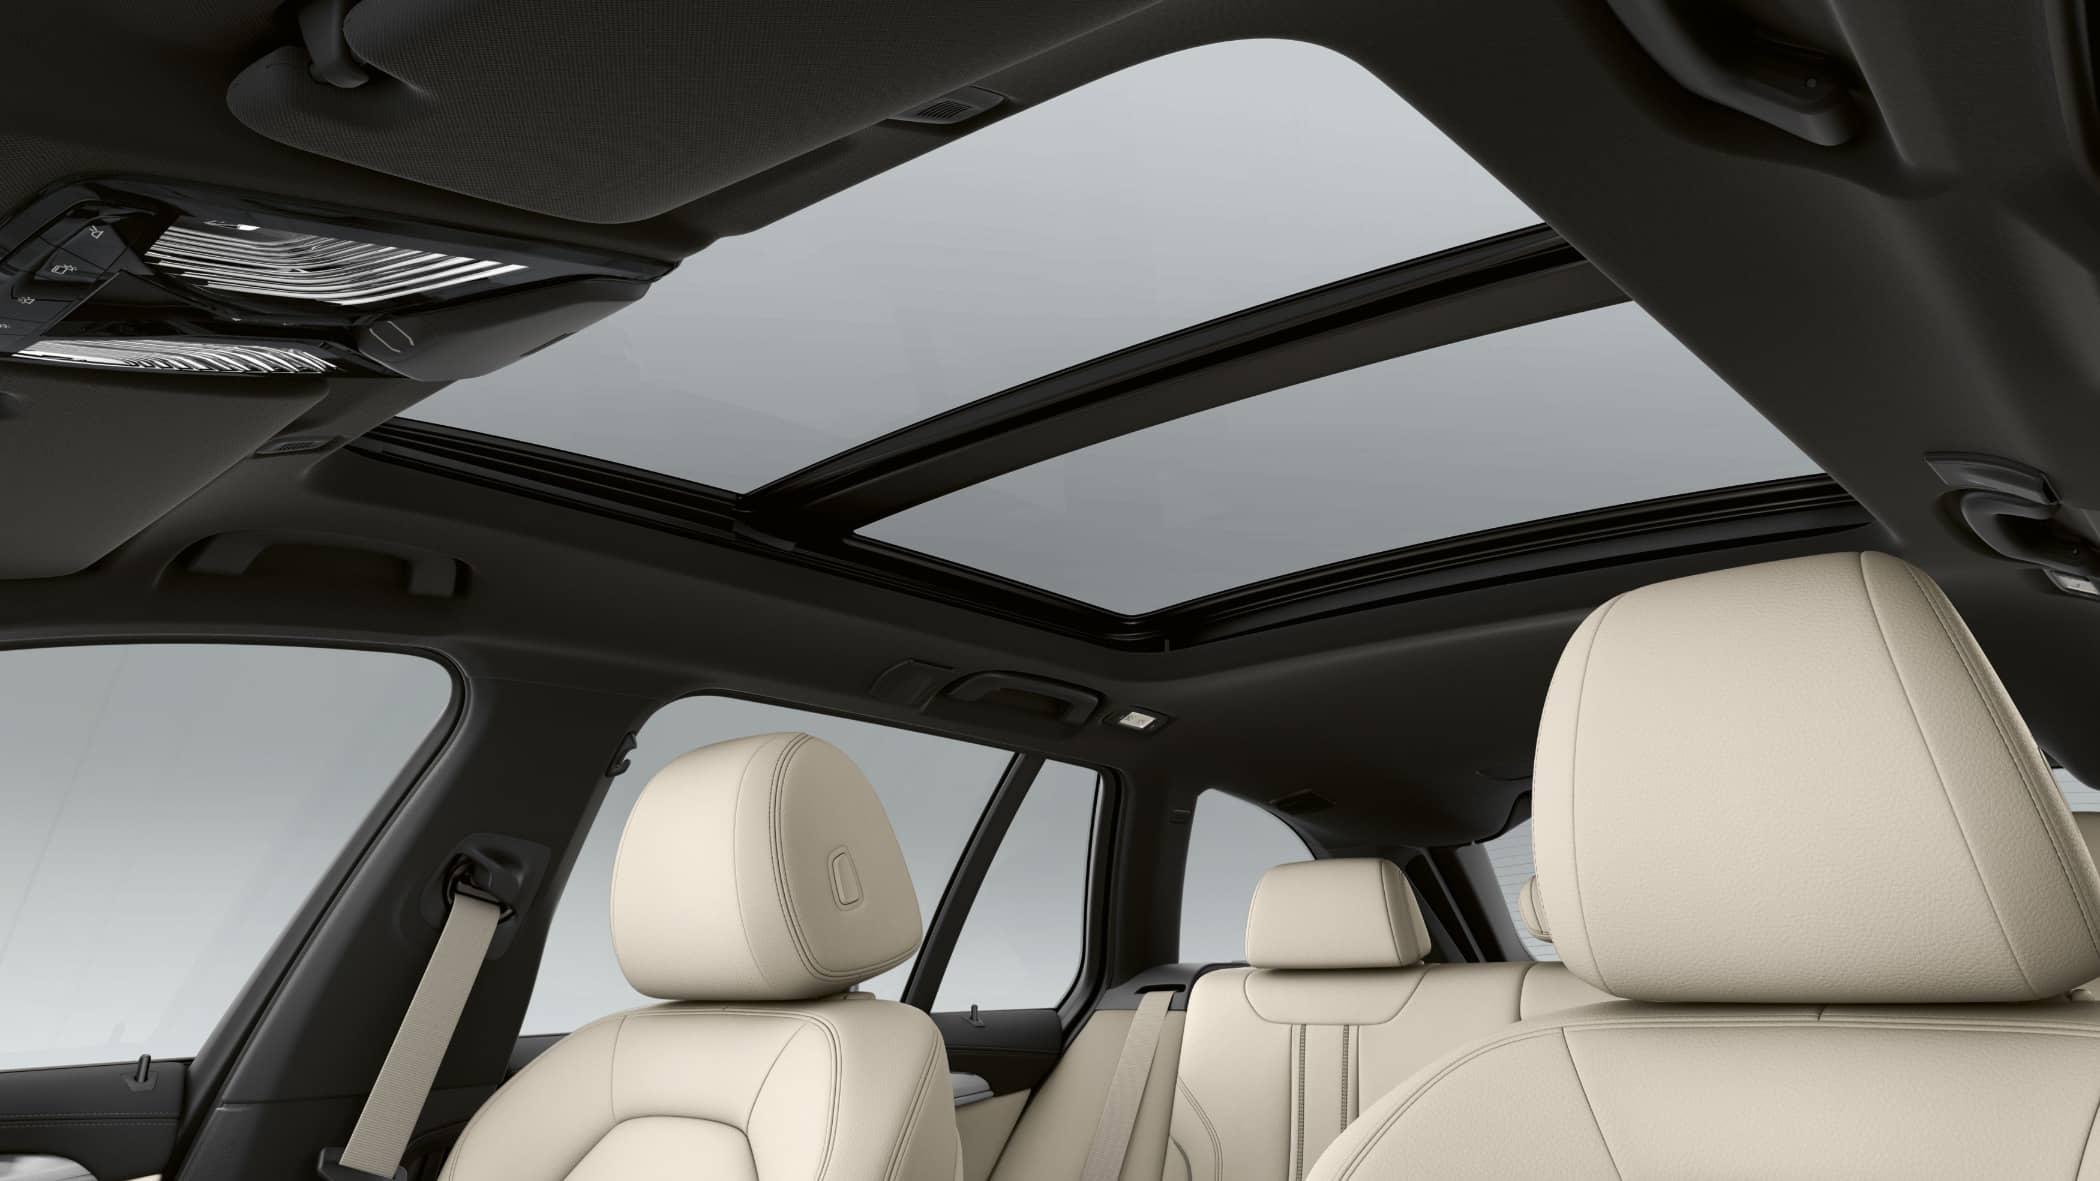 Luxury vehicle, Car